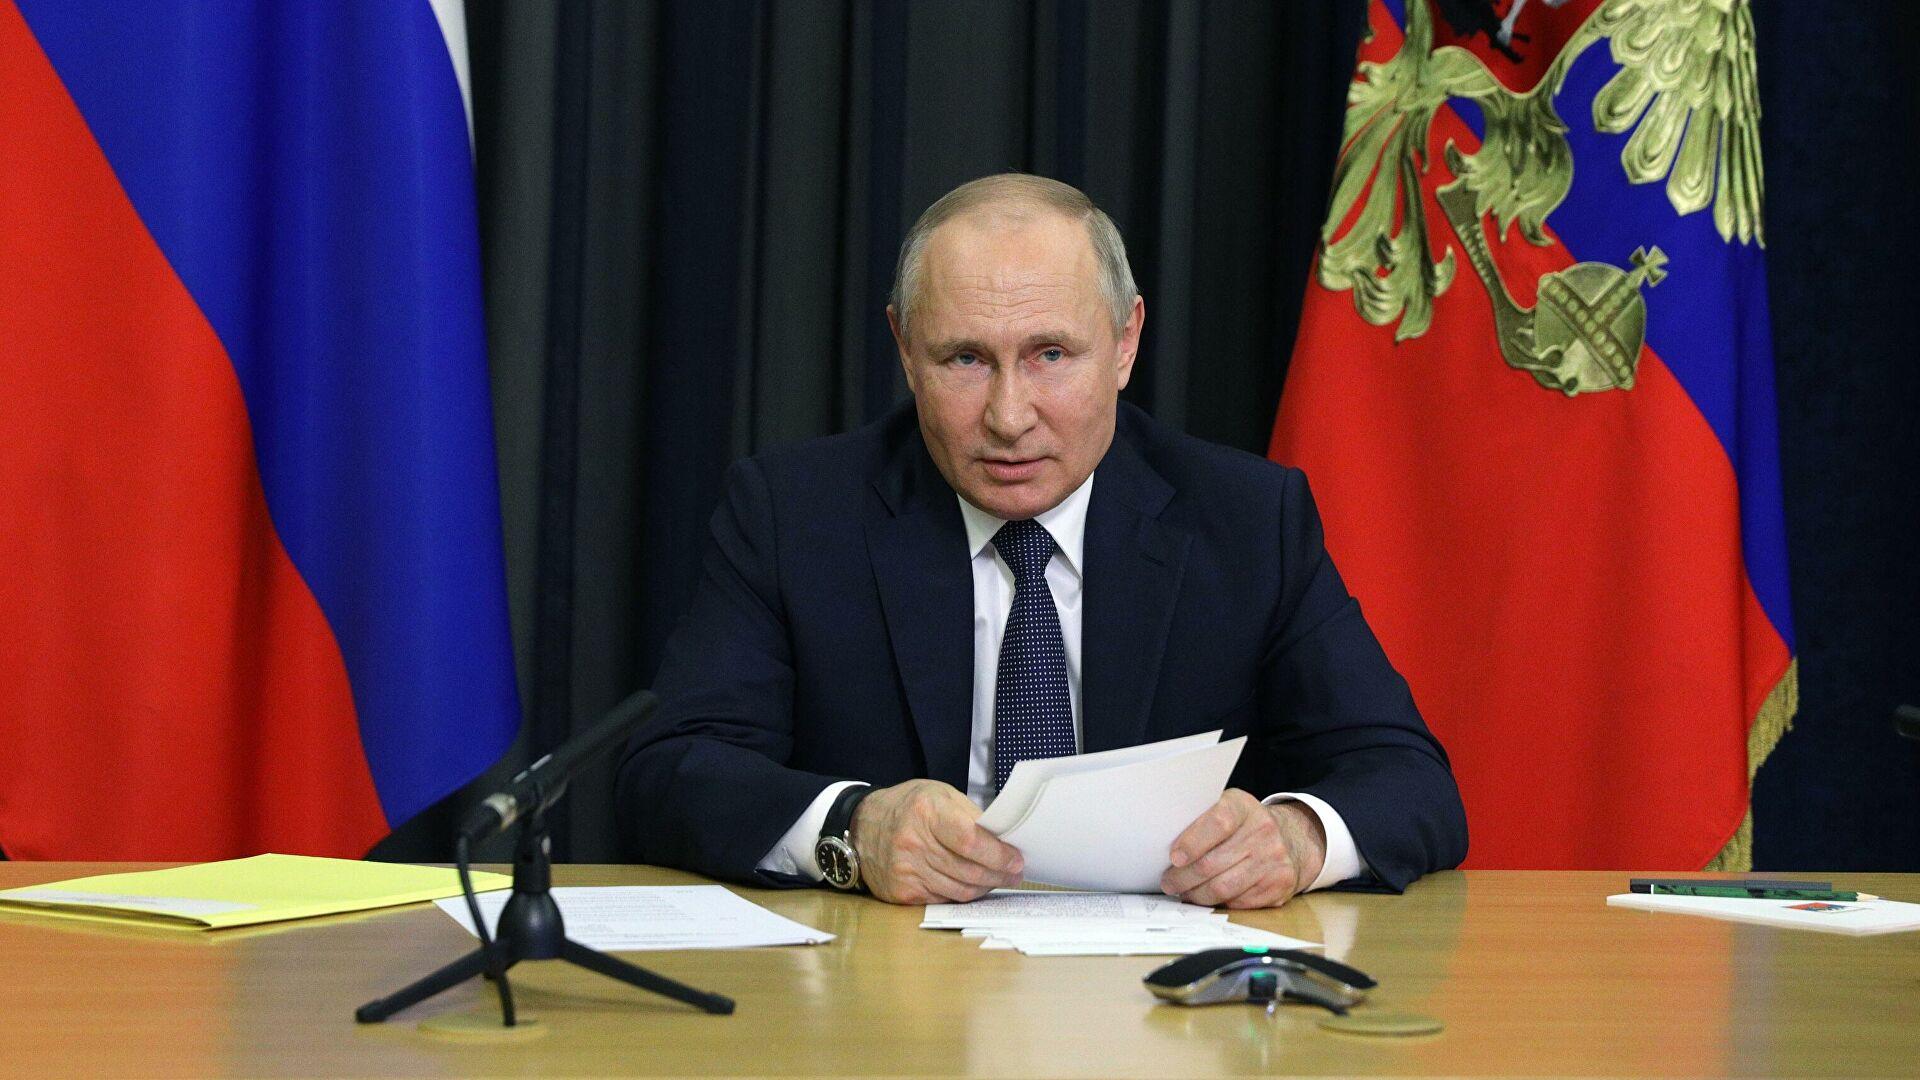 Путин подписал закон, запрещающий избираться людям причастным к экстремизму